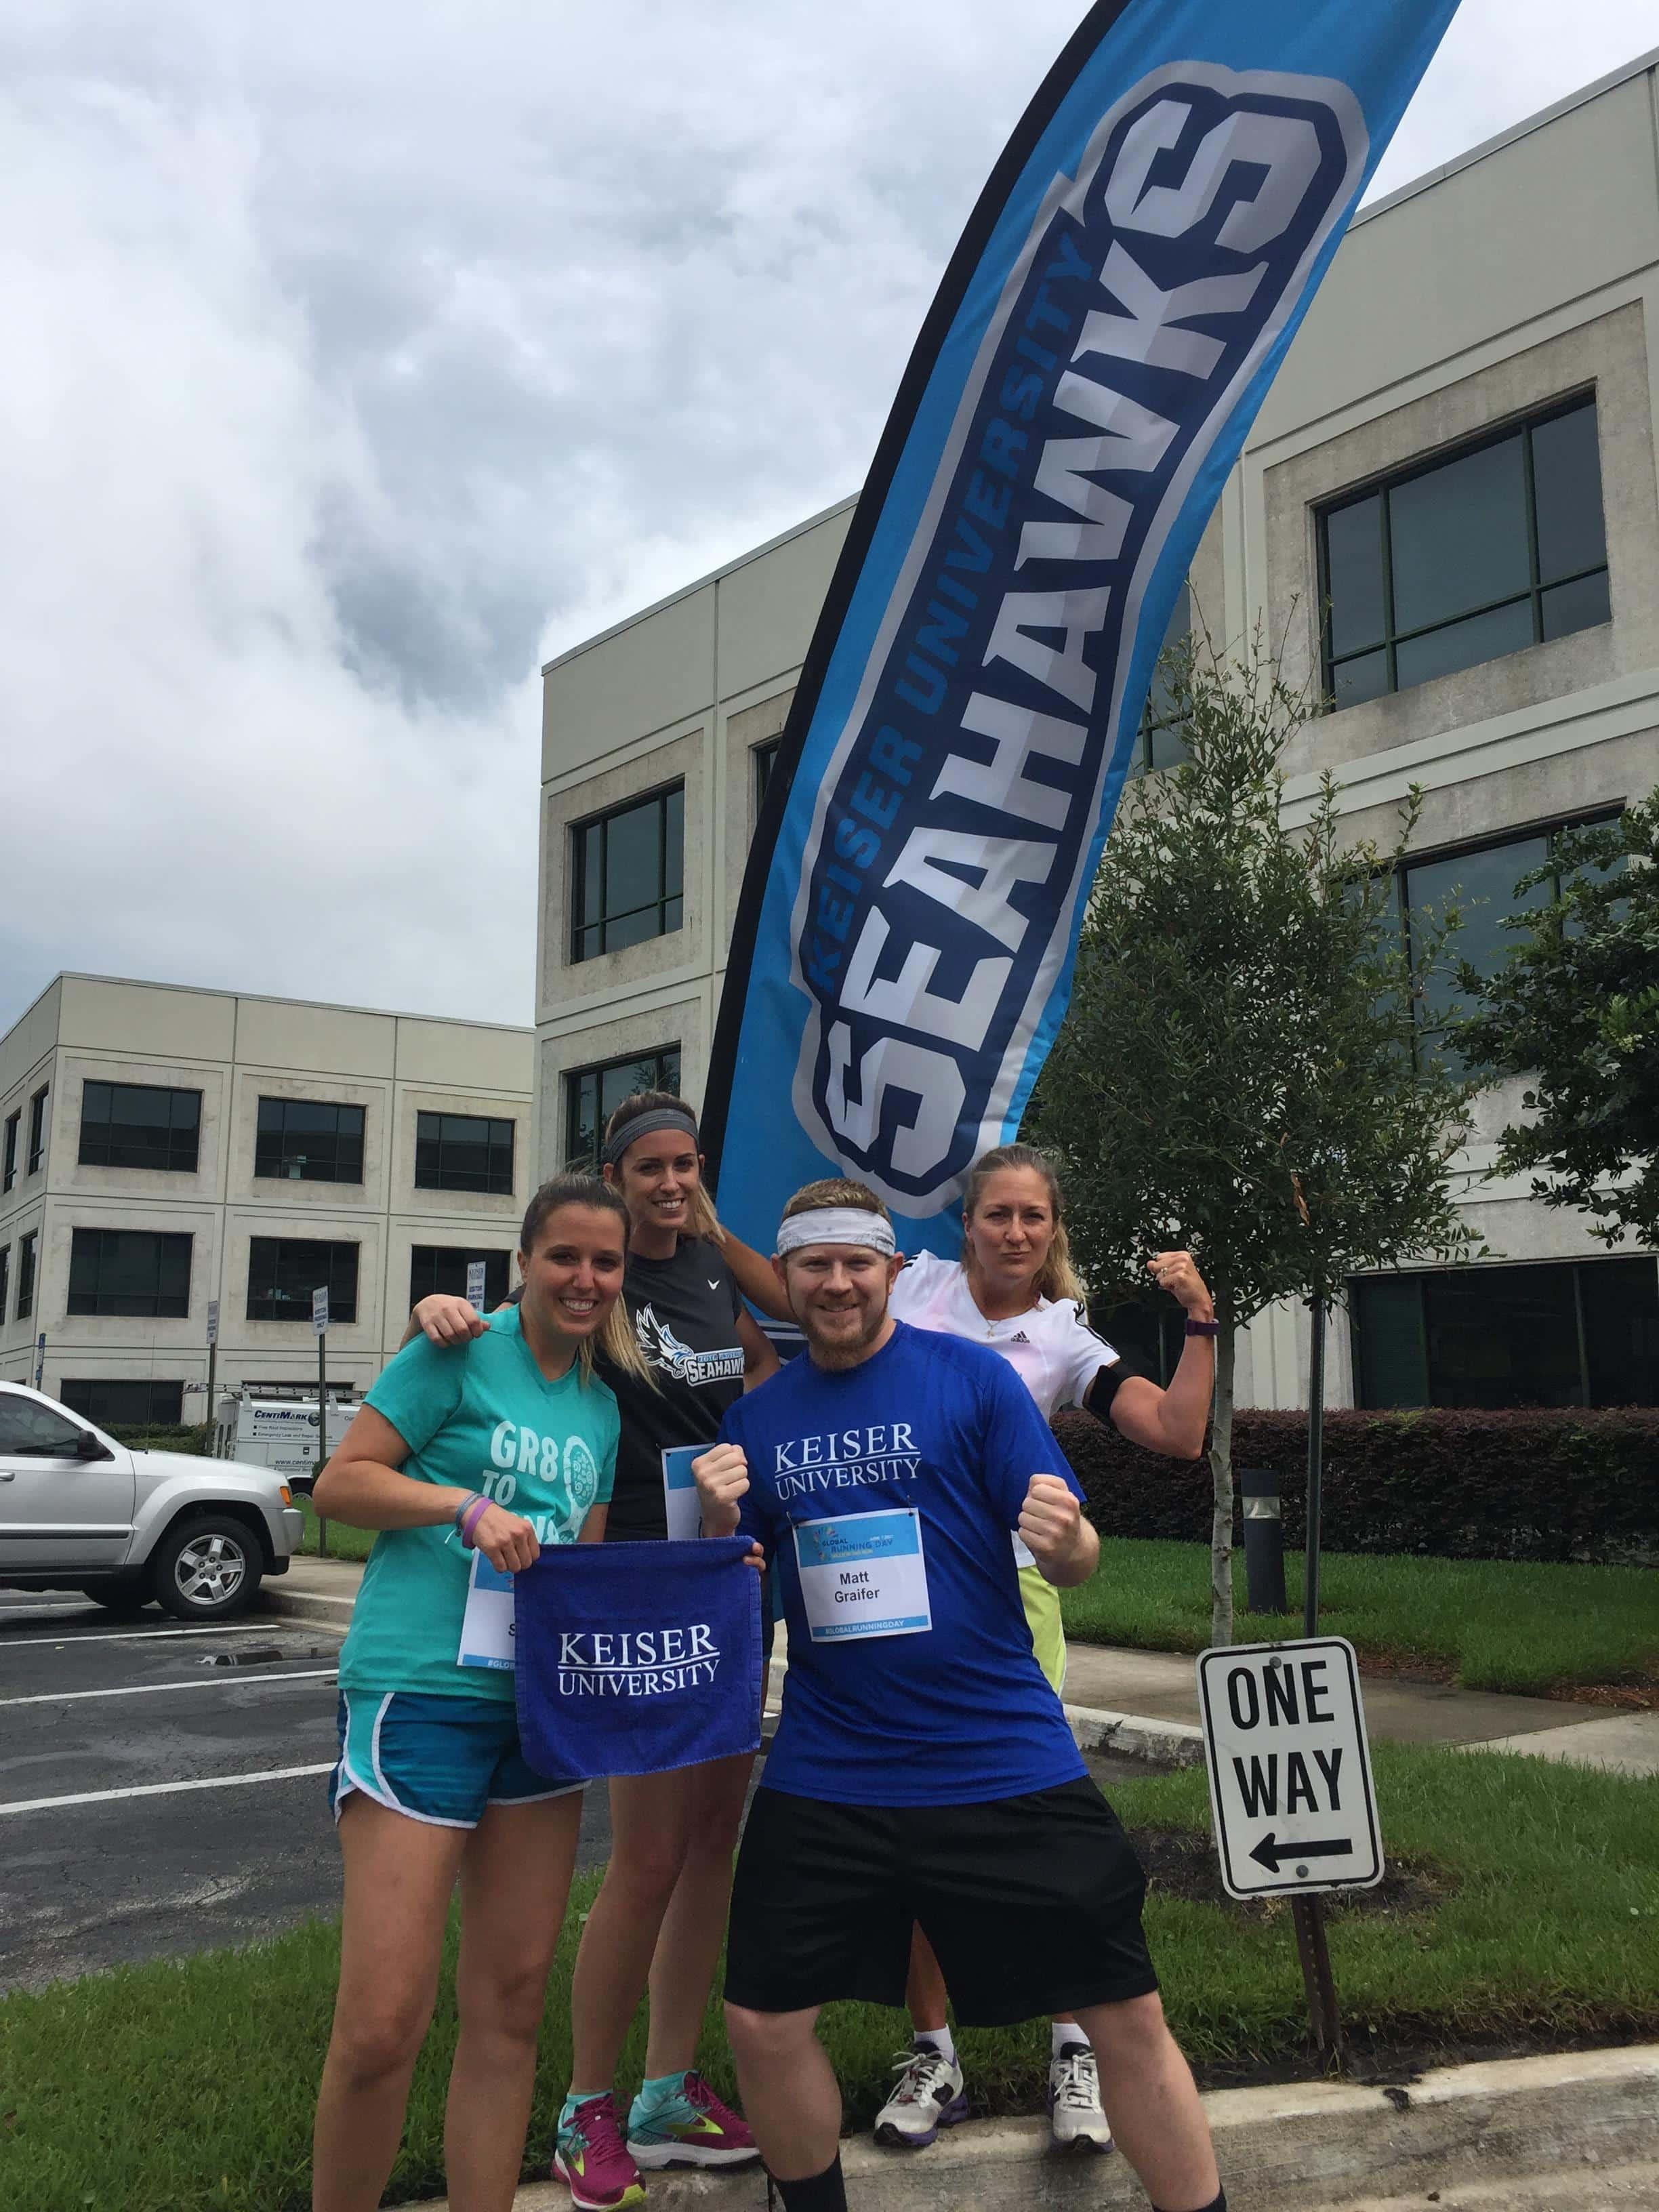 Jacksonville Celebrates Global Running Day